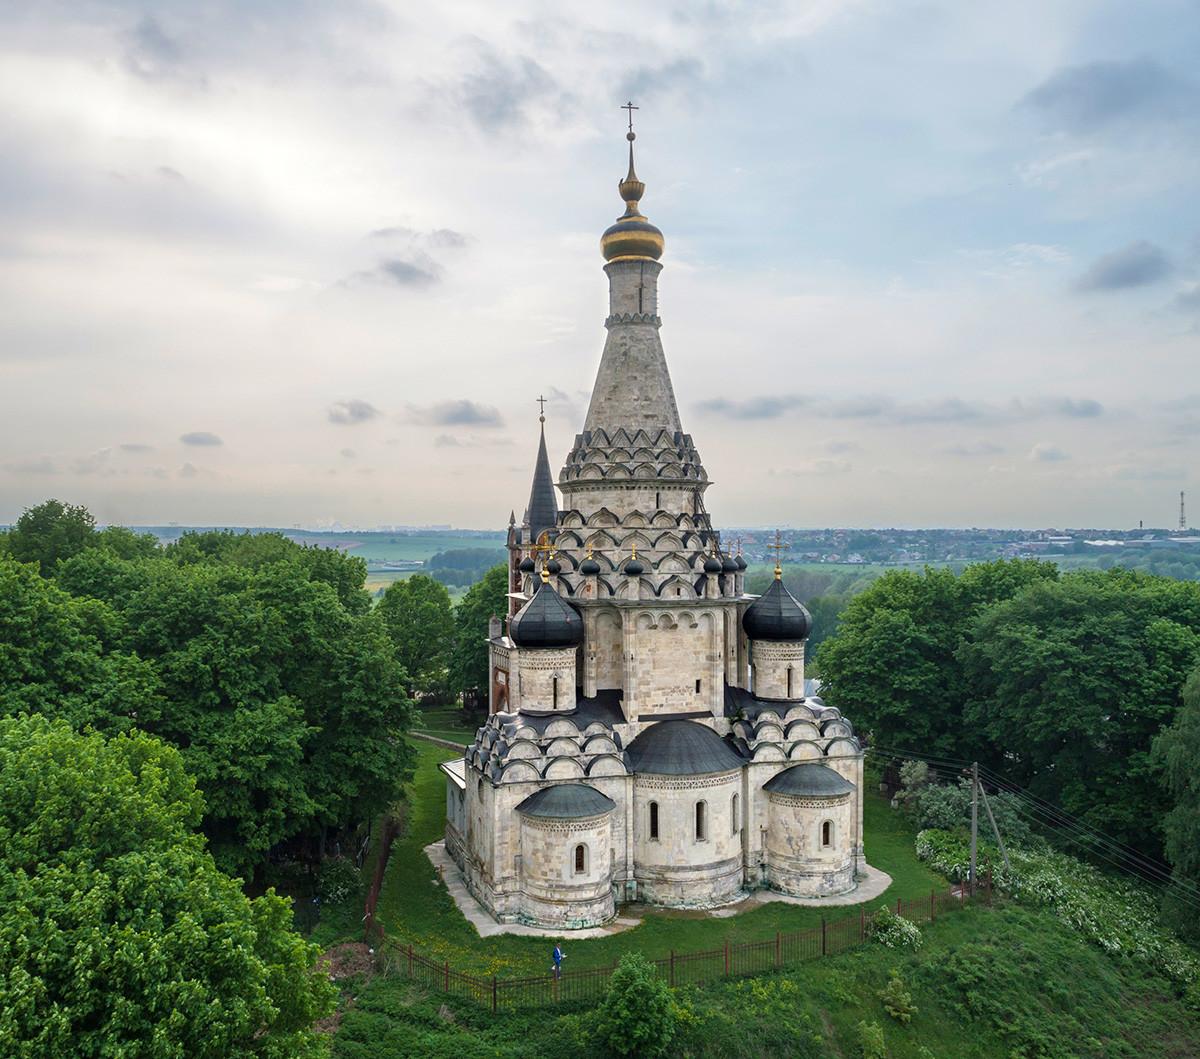 Igreja da Festividade da Transfiguração, do século 16, na vila de Ostrov, região de Moscou.